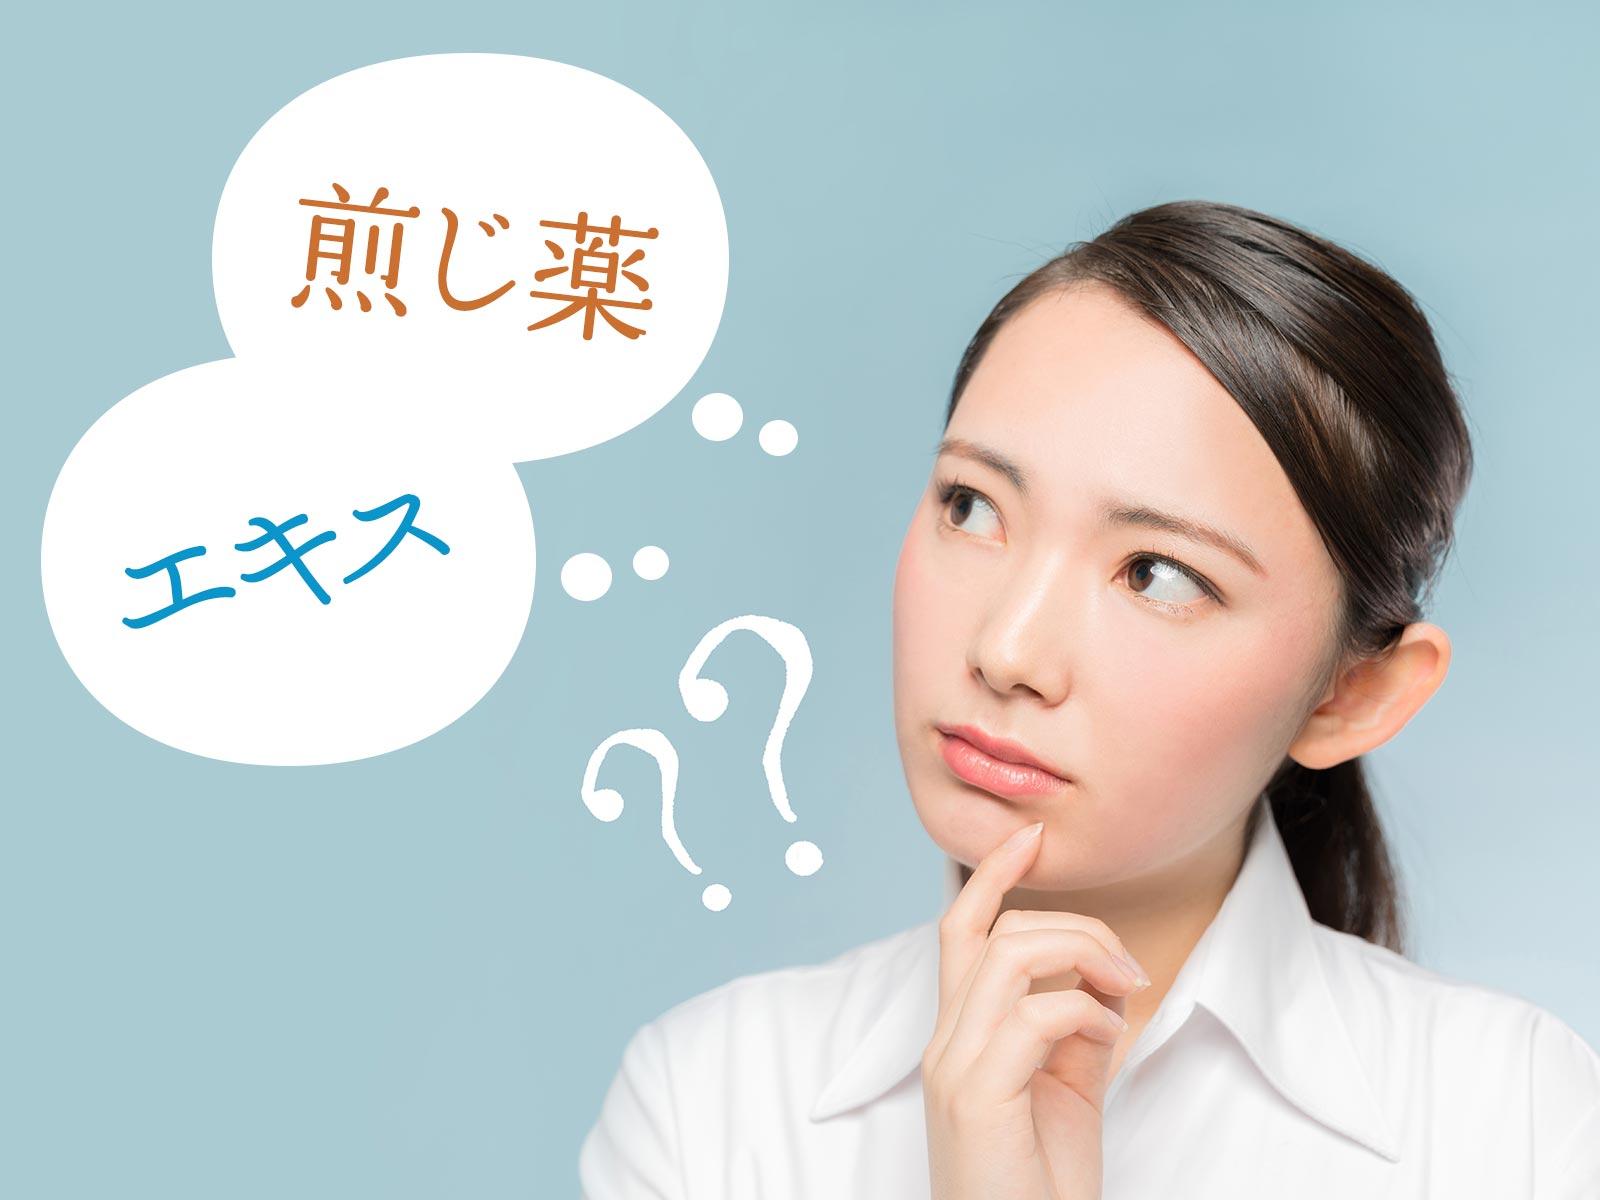 漢方薬の種類と特徴、「煎じ薬」と「エキス製剤」の違いとは?